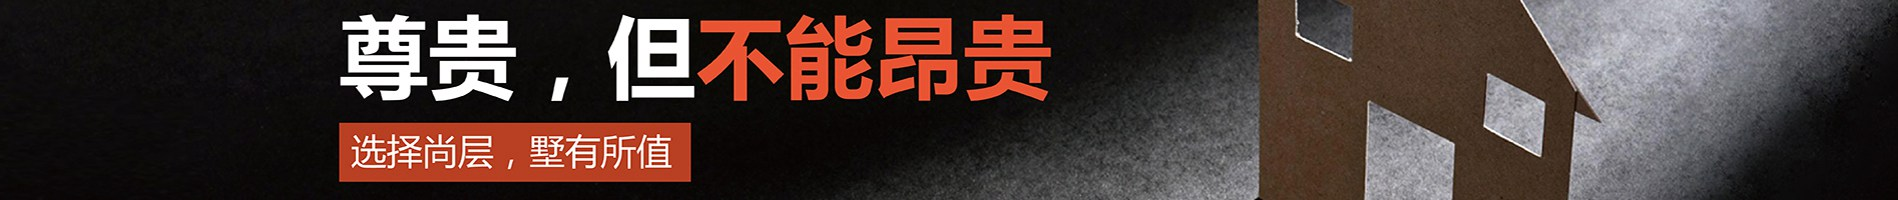 杭州尚层装饰装修百科